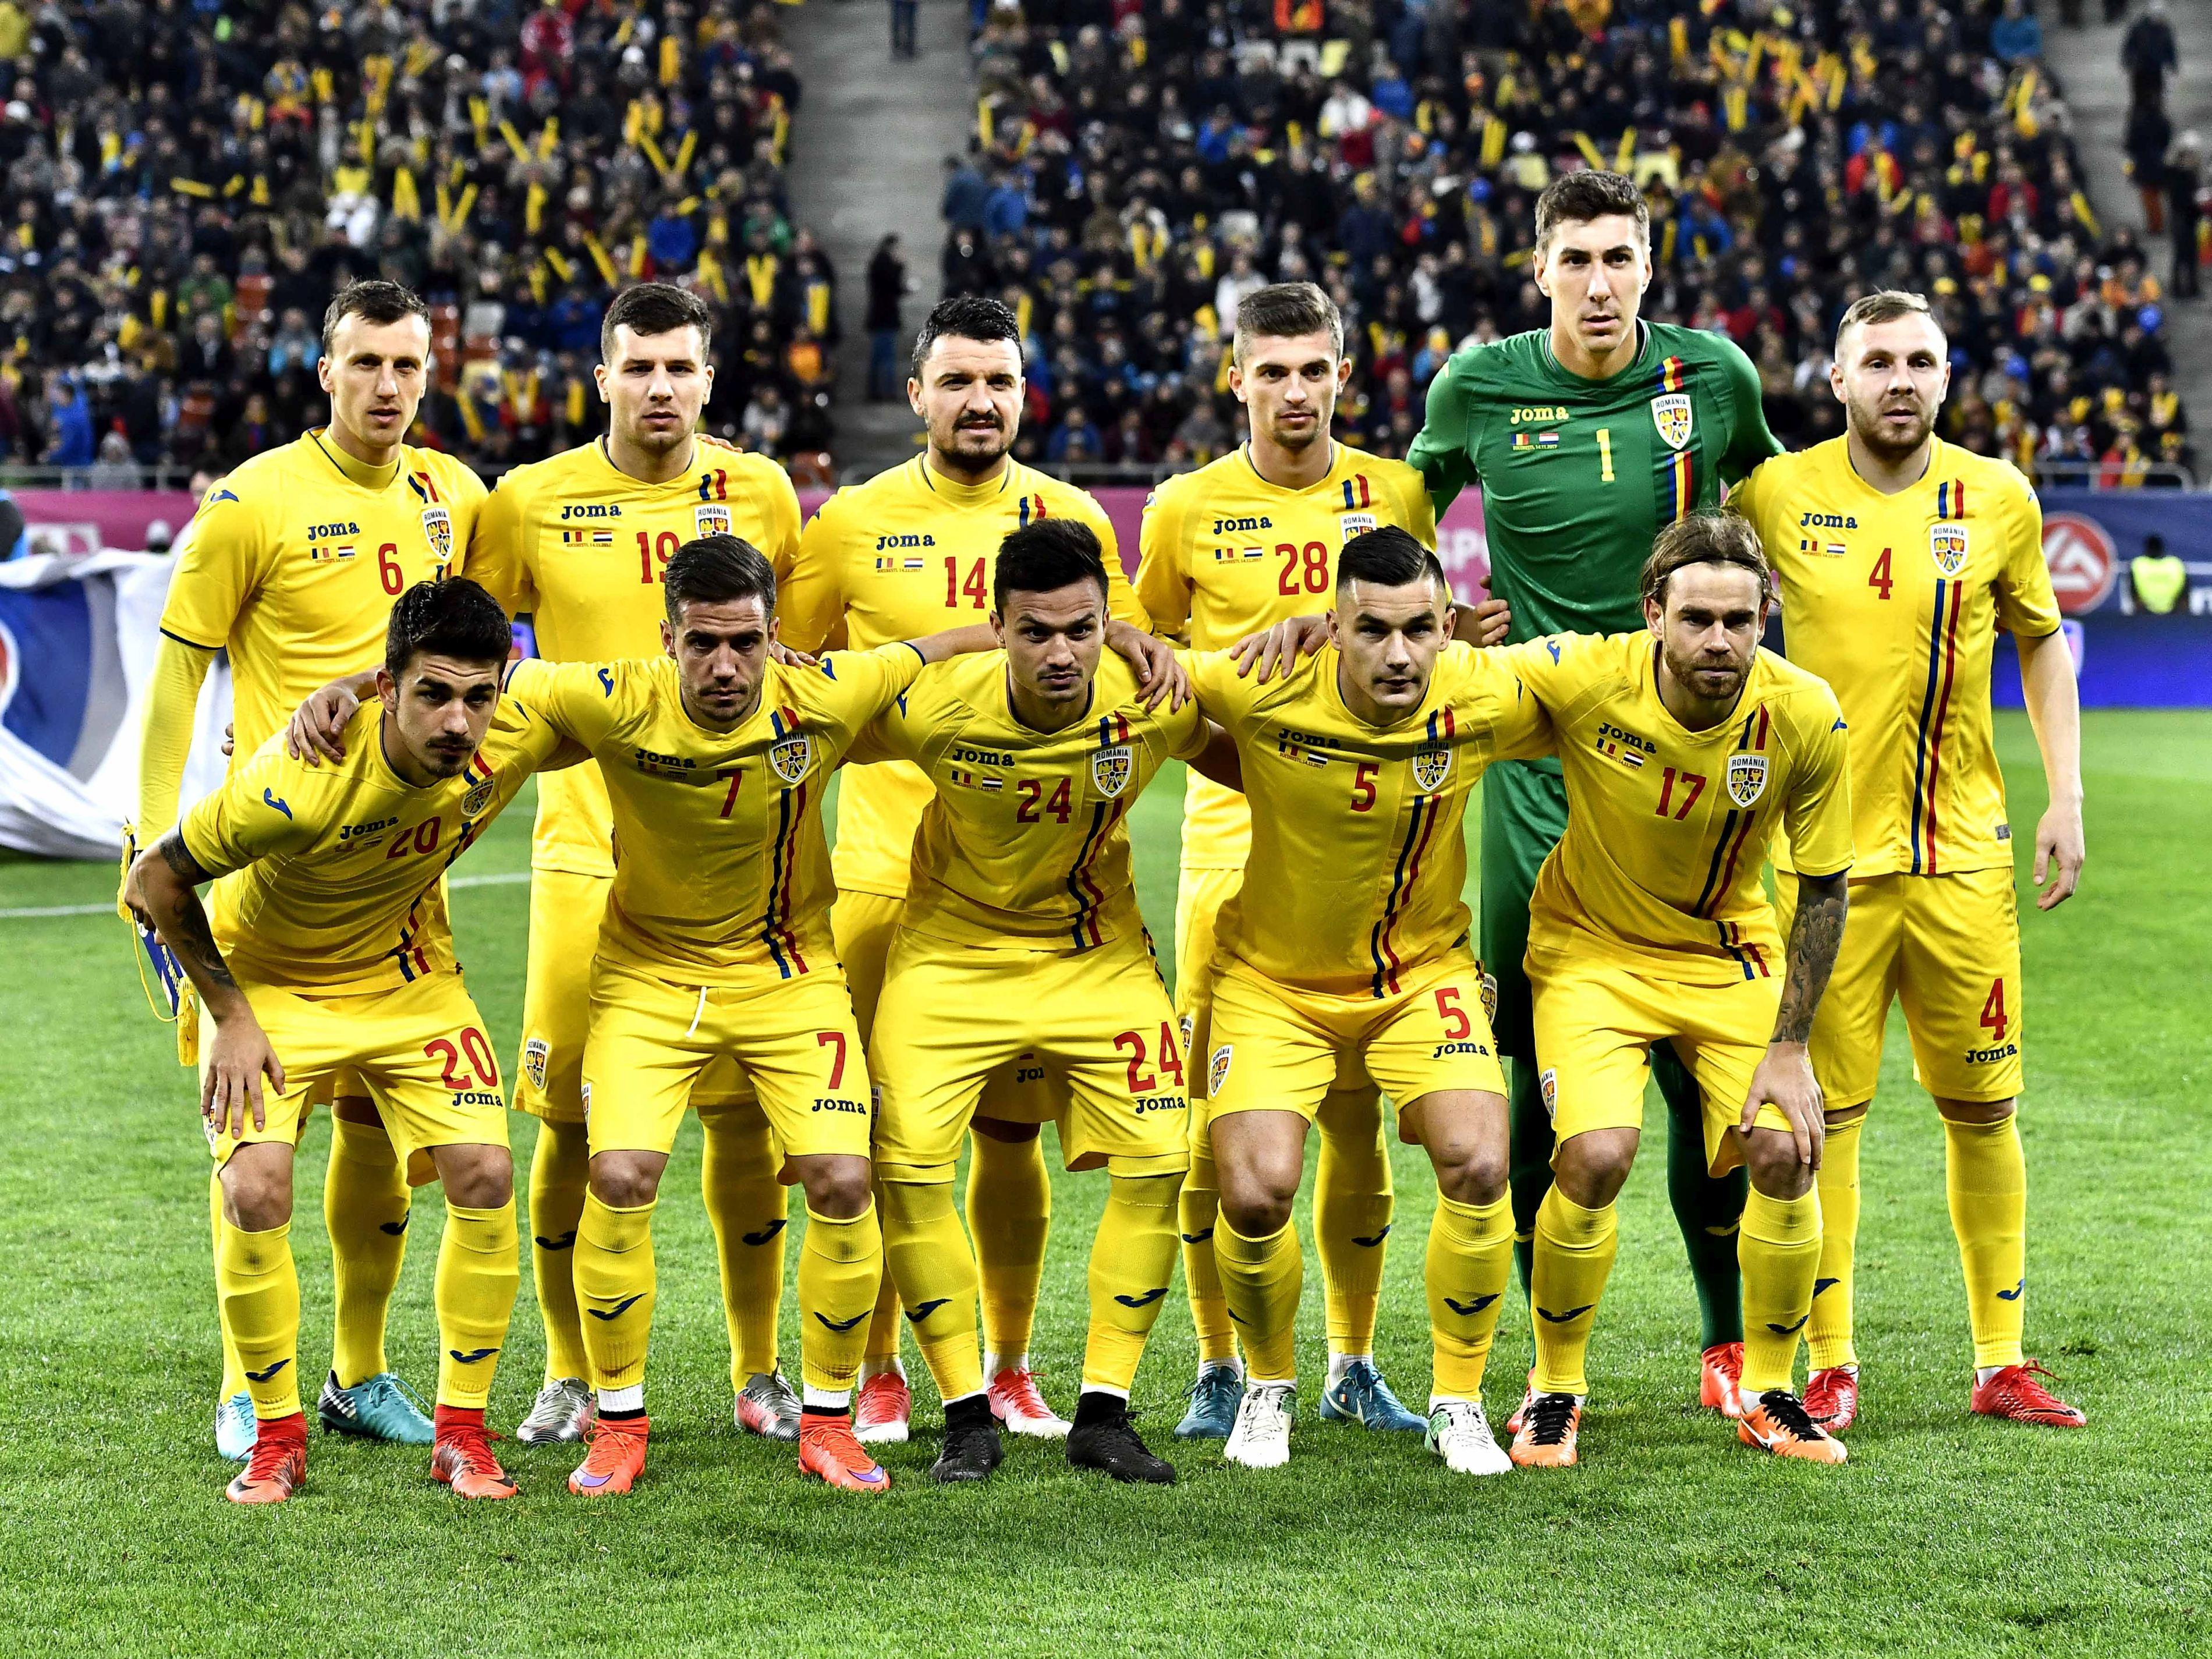 Fotbaliștii din naționala României speră să facă o figură frumoasă în Nations League. (FOTO: HEPTA)